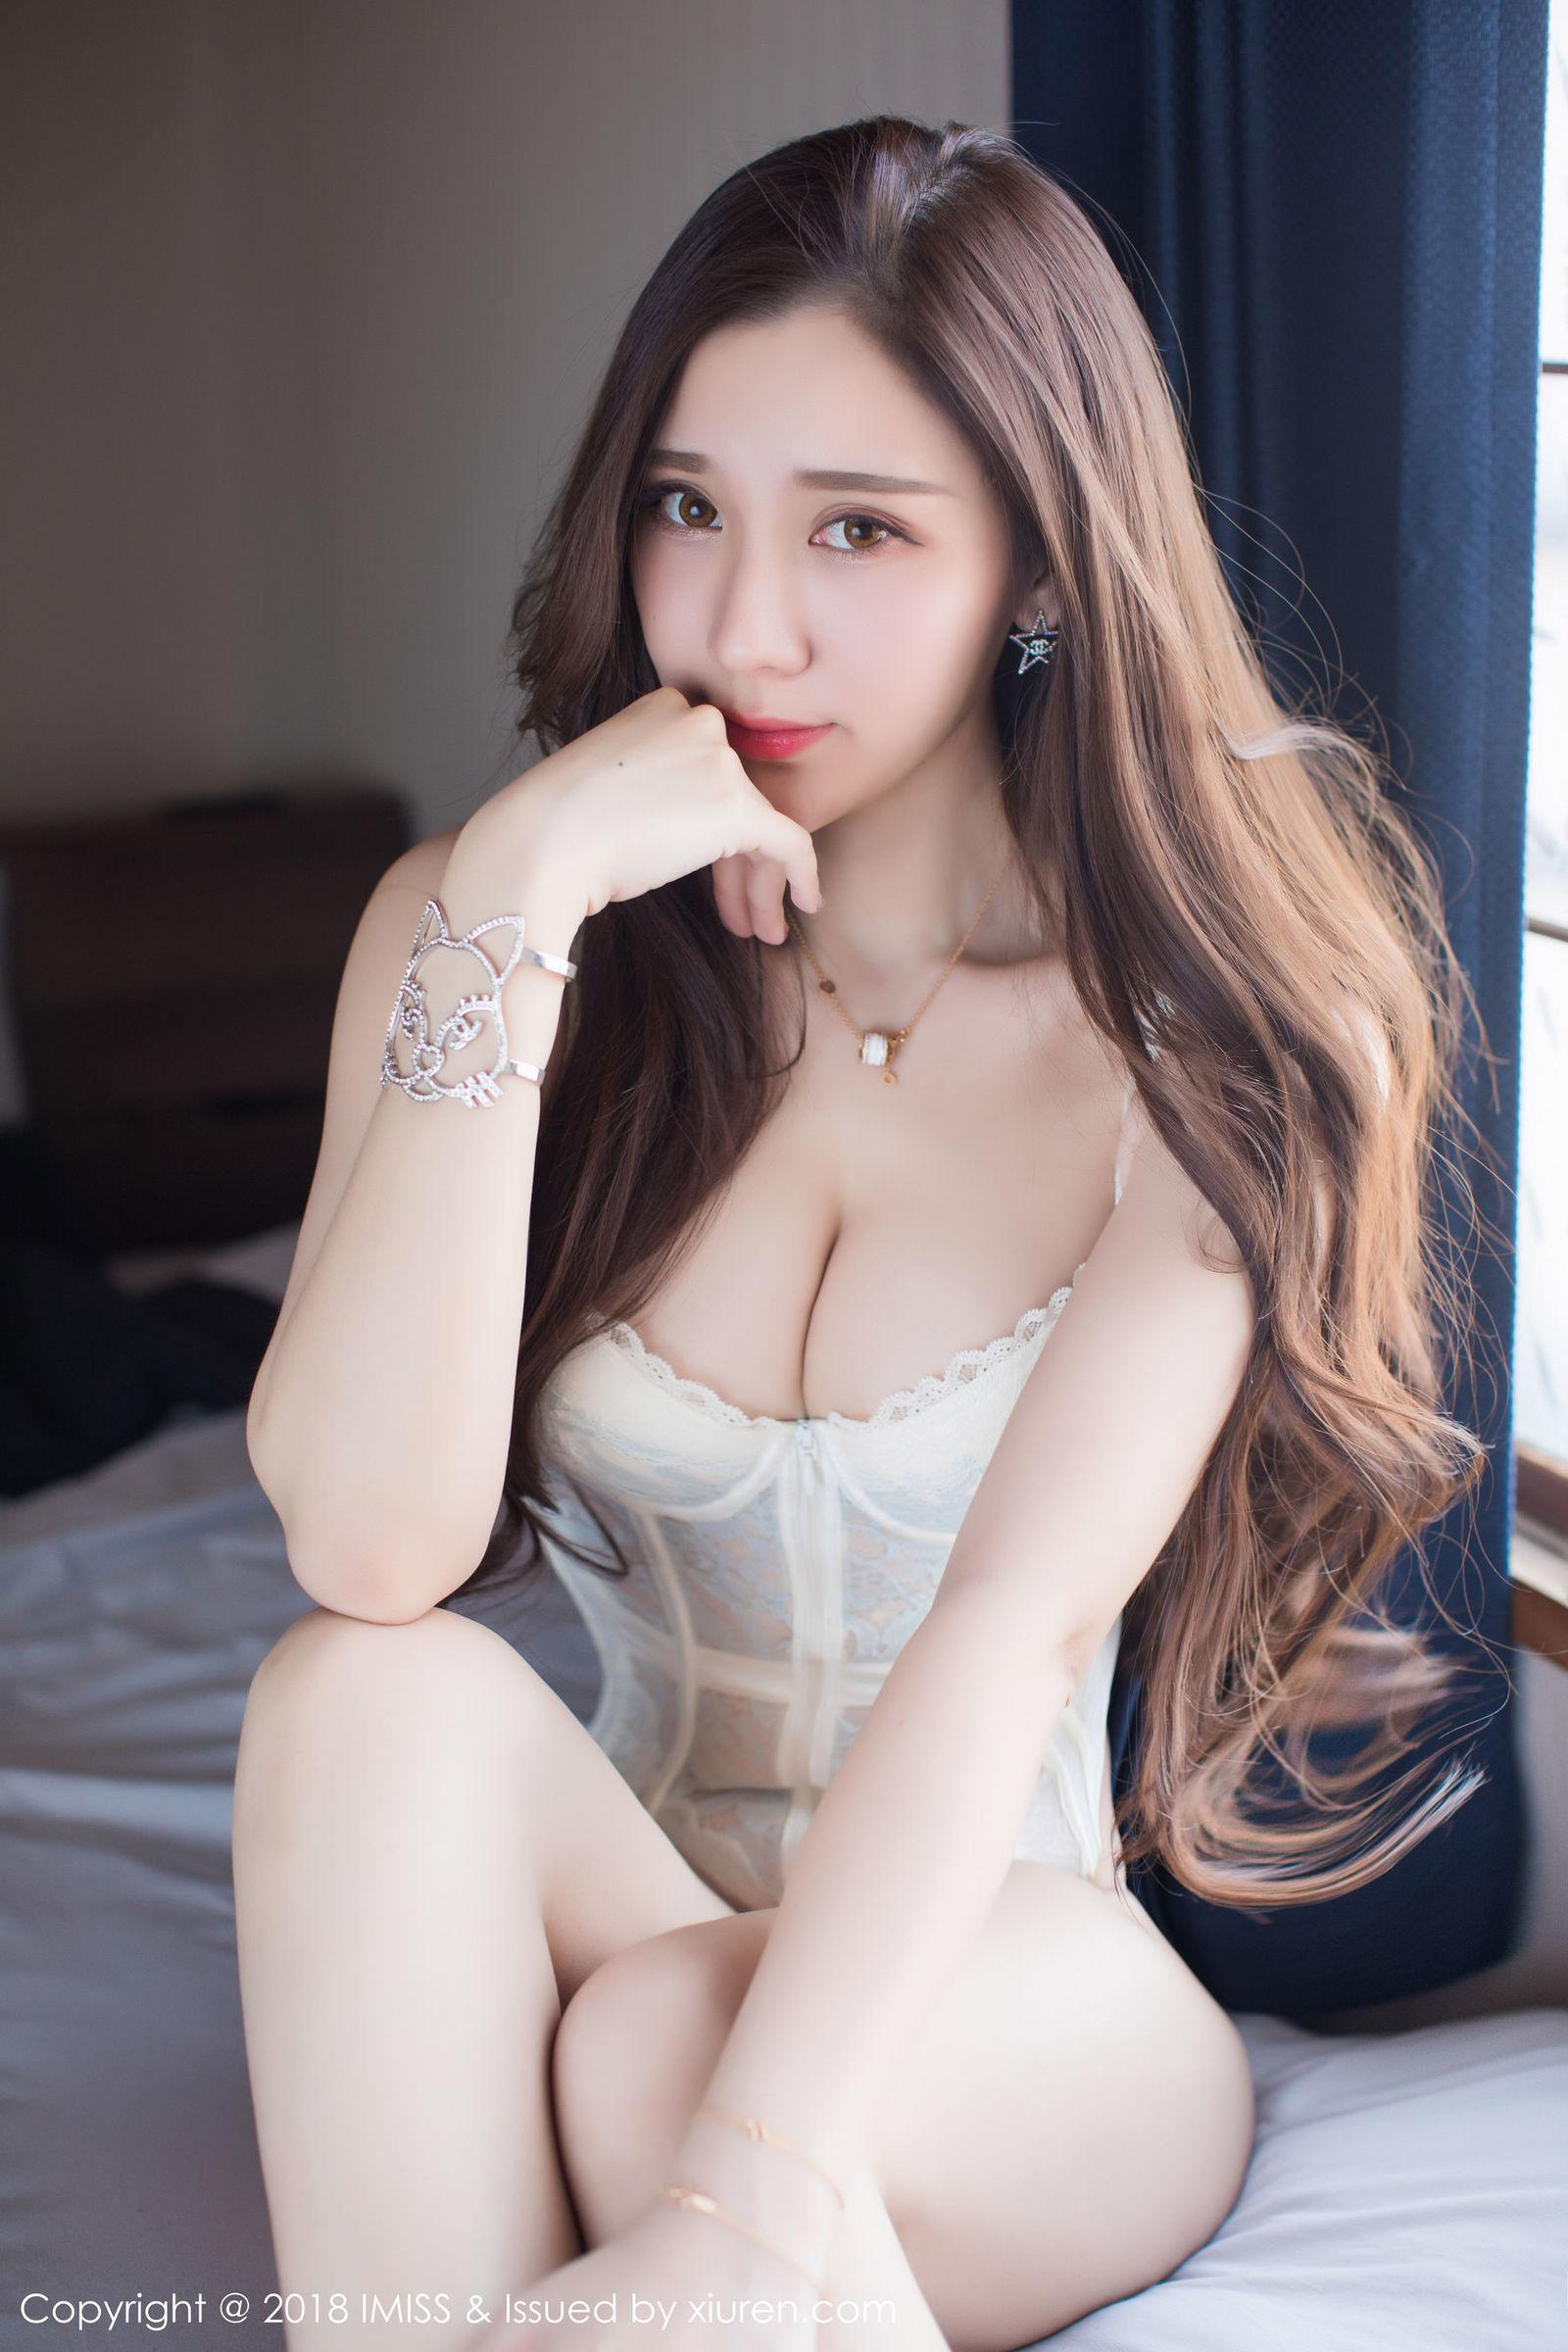 福利美图 | 王梓童Doirs气质独特的美女模特